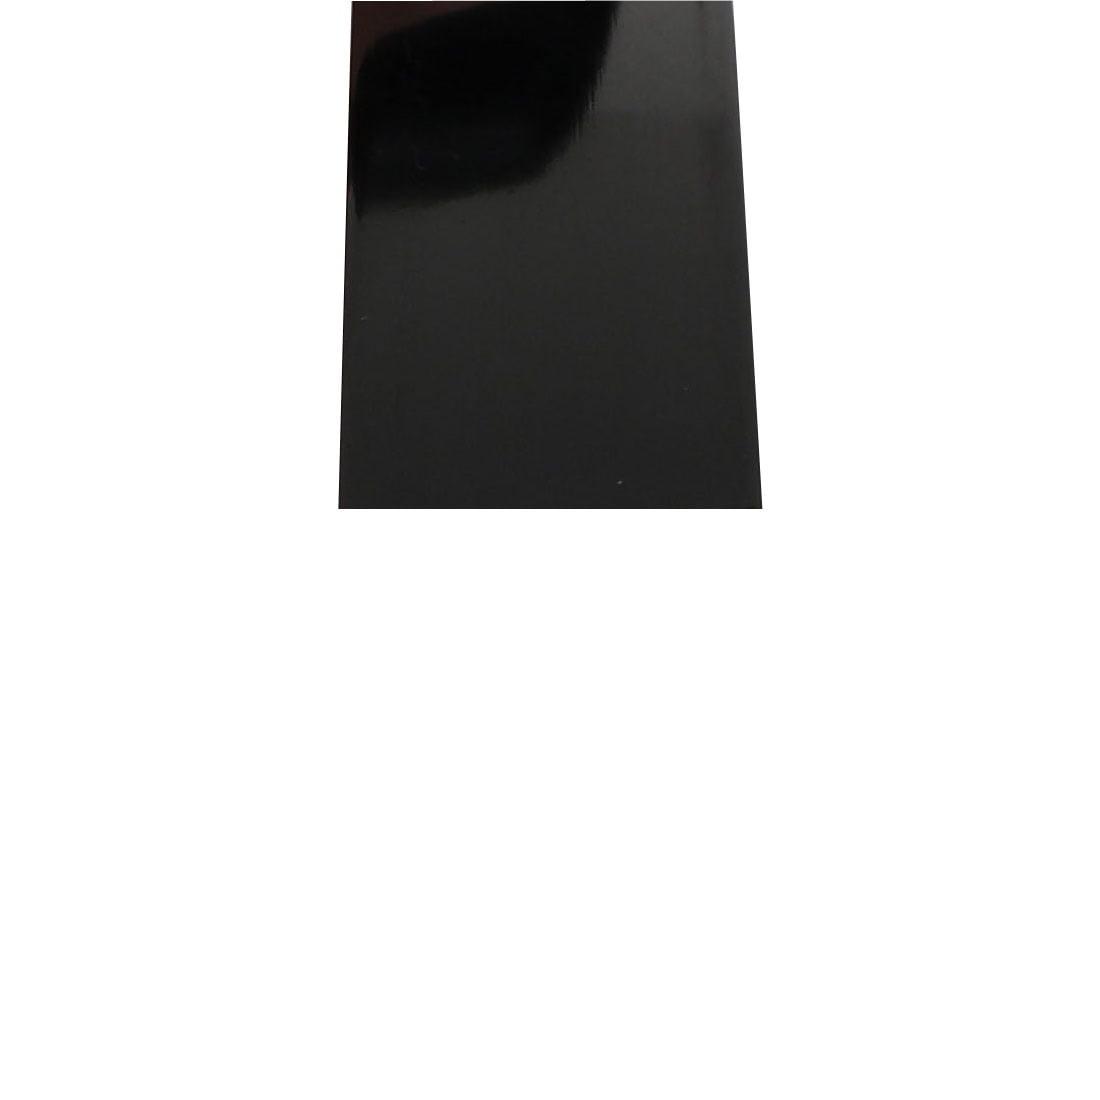 Unique Bargains 12mm Flat Width 1M Length PVC Heat Shrinkable Tube Black for Capacitive Battery - image 1 de 2